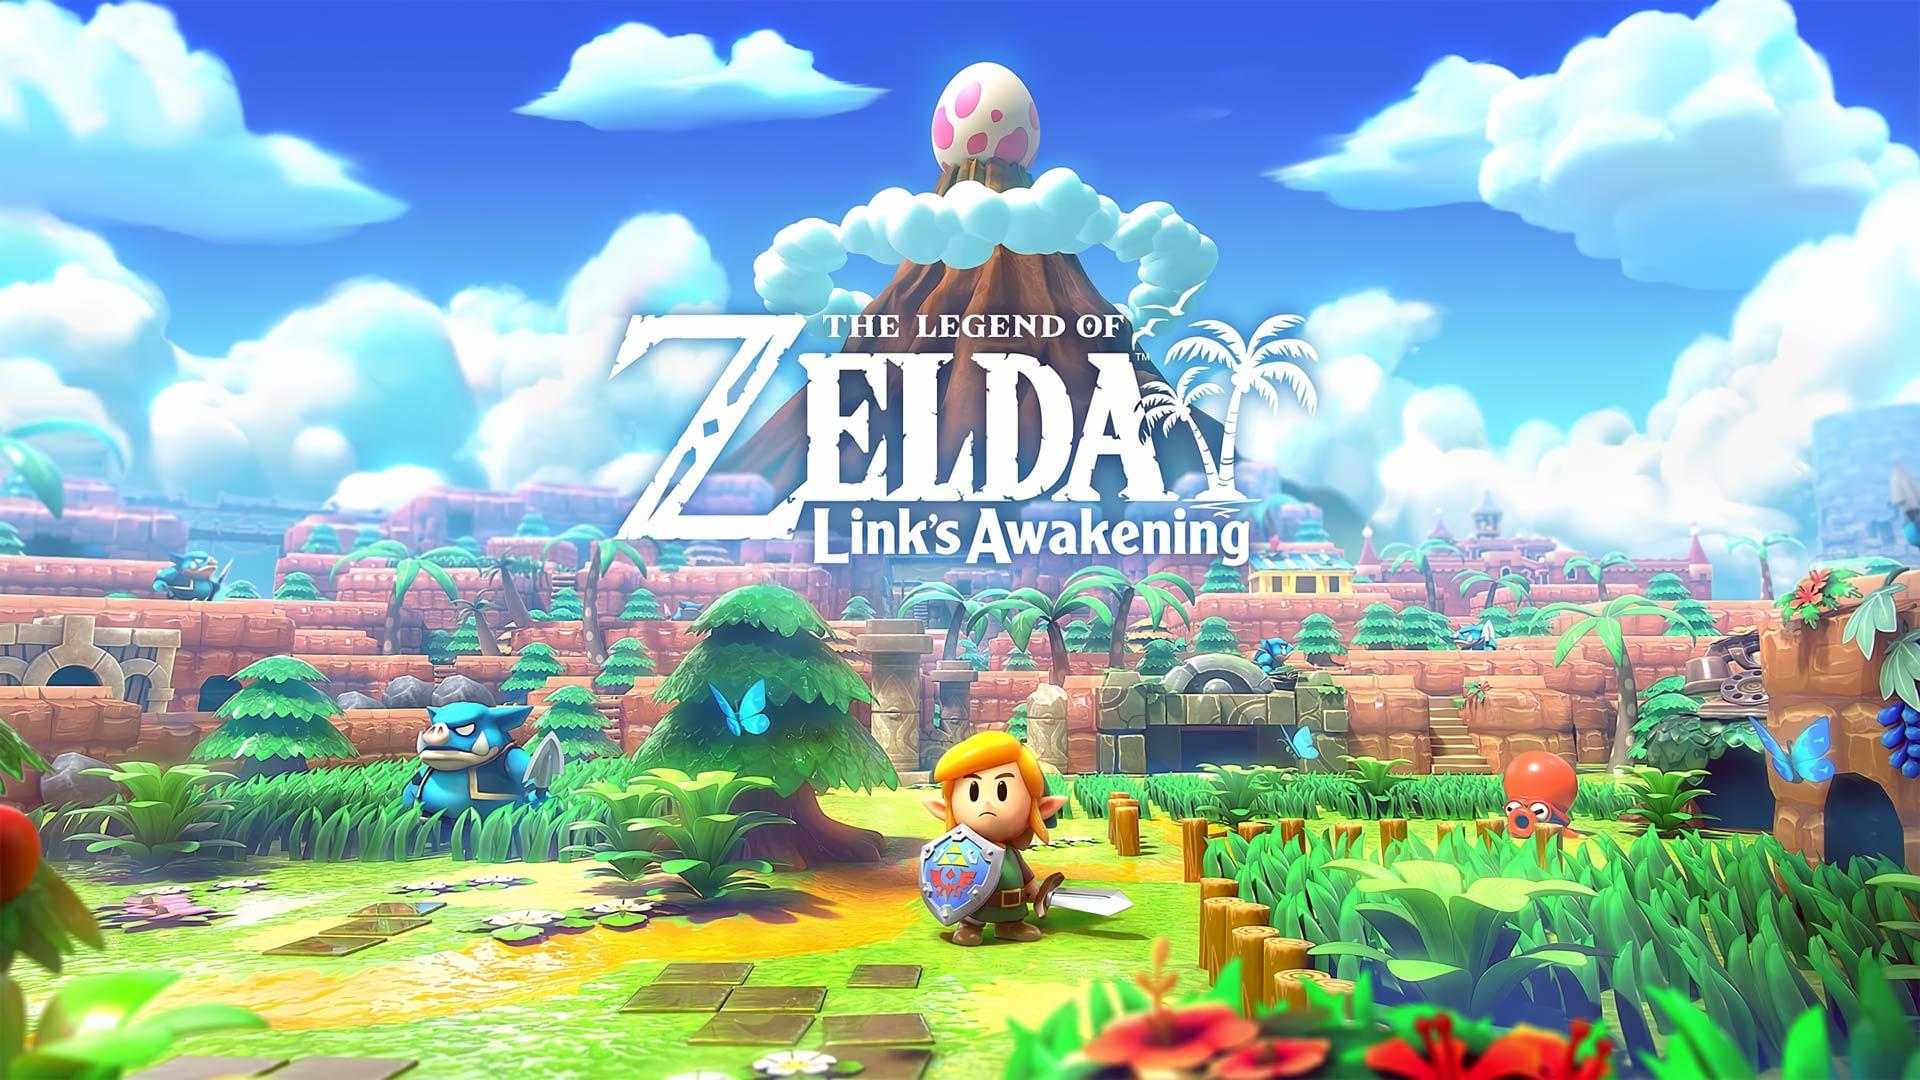 The Legend of Zelda: Link's Awakening review – Reawakening